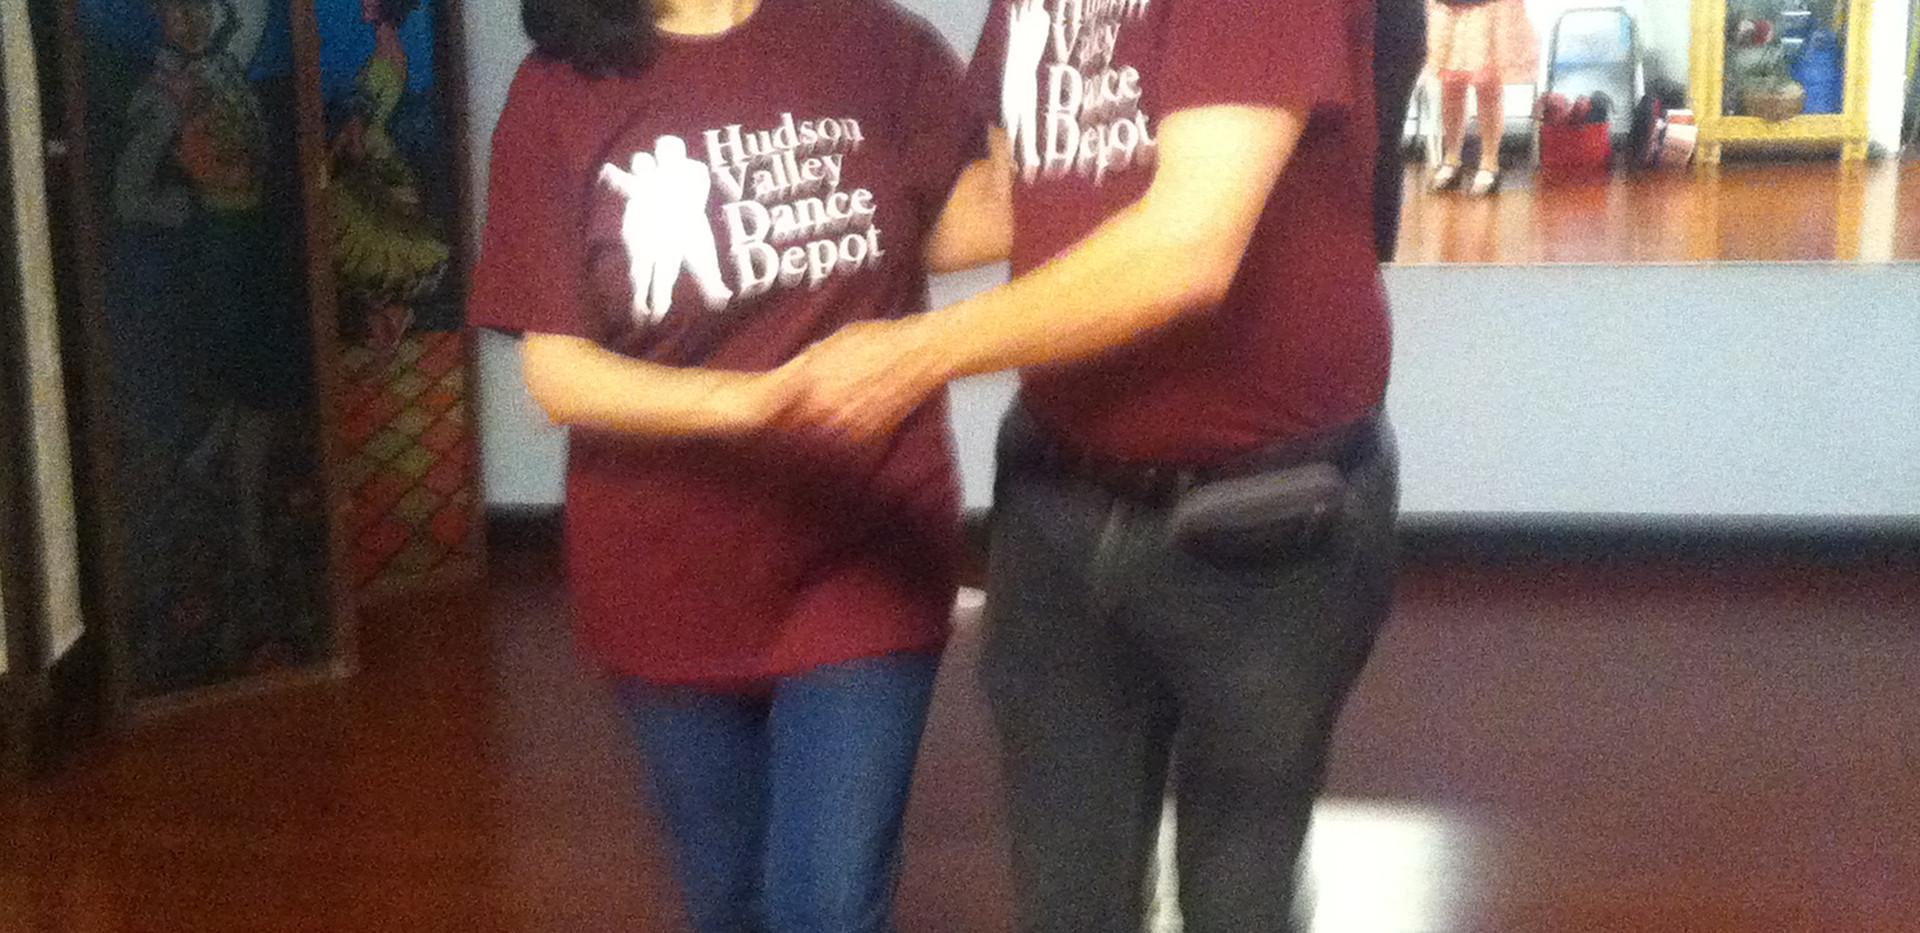 Stu and Kathy Kofsky